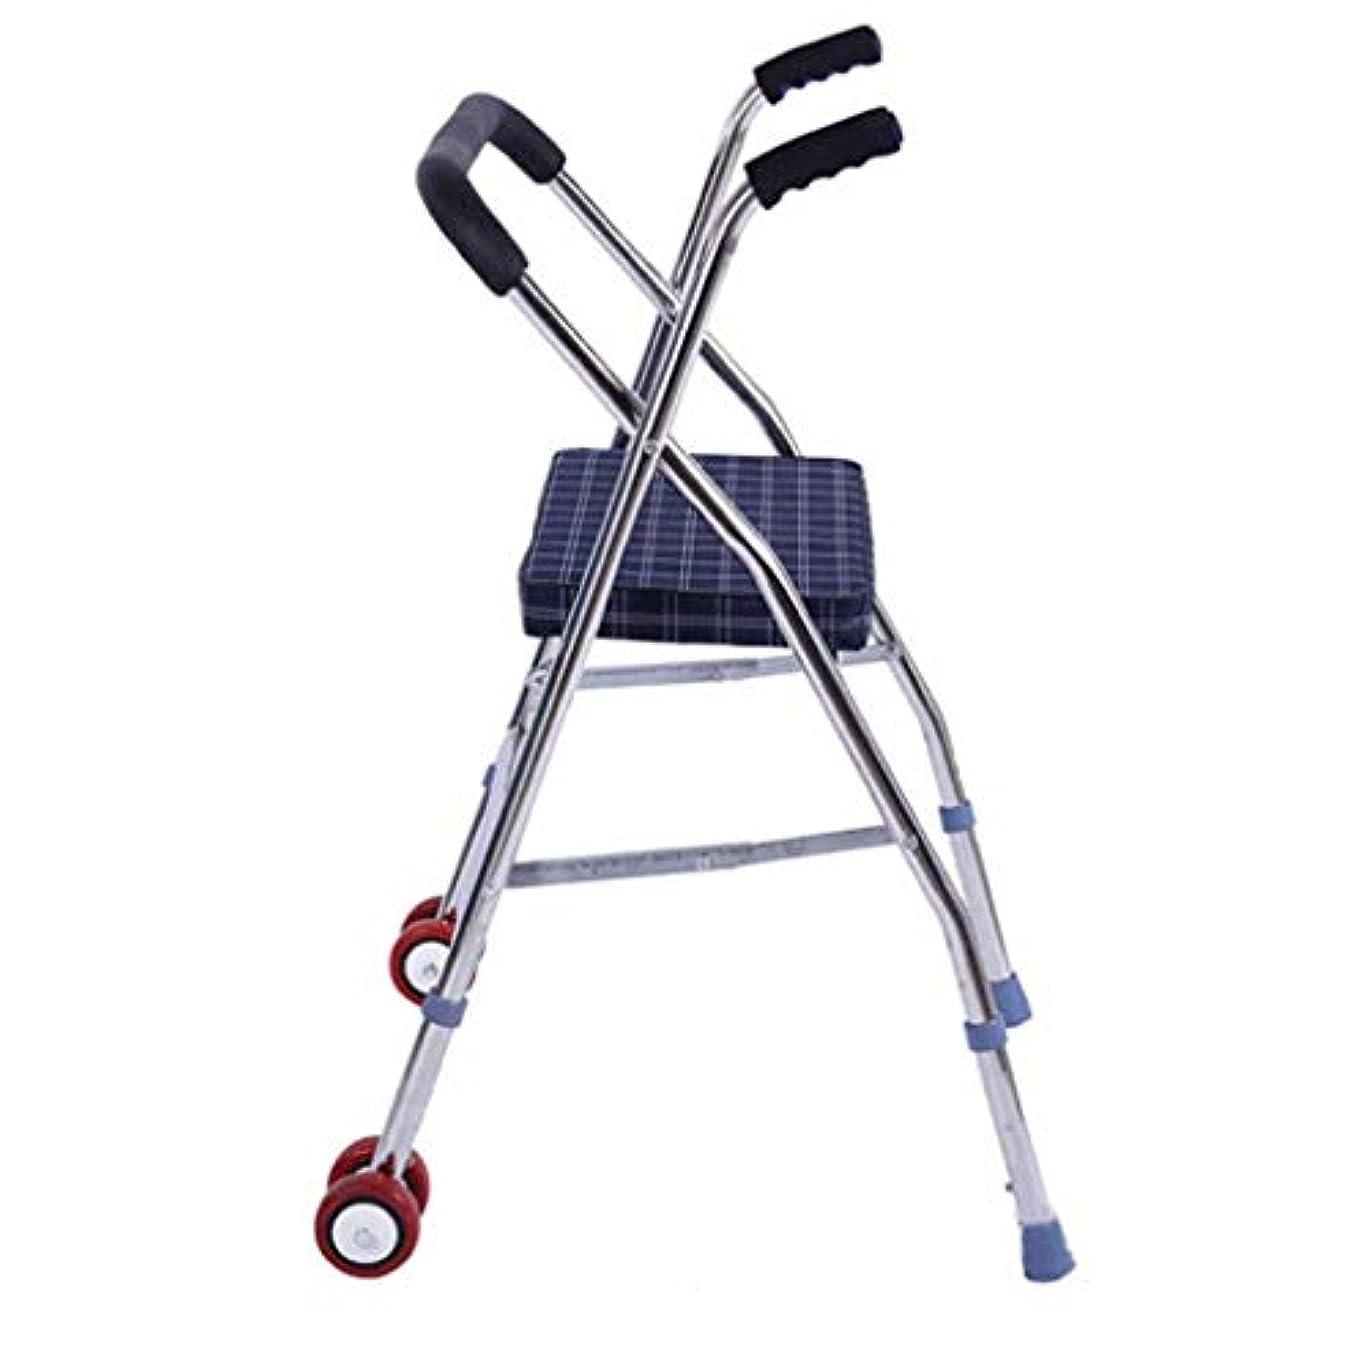 夫婦放置伝導年配の歩行者、ステンレス鋼の動かされた歩行者調節可能な高さの折り畳み式の軽量の歩行者補助歩行者